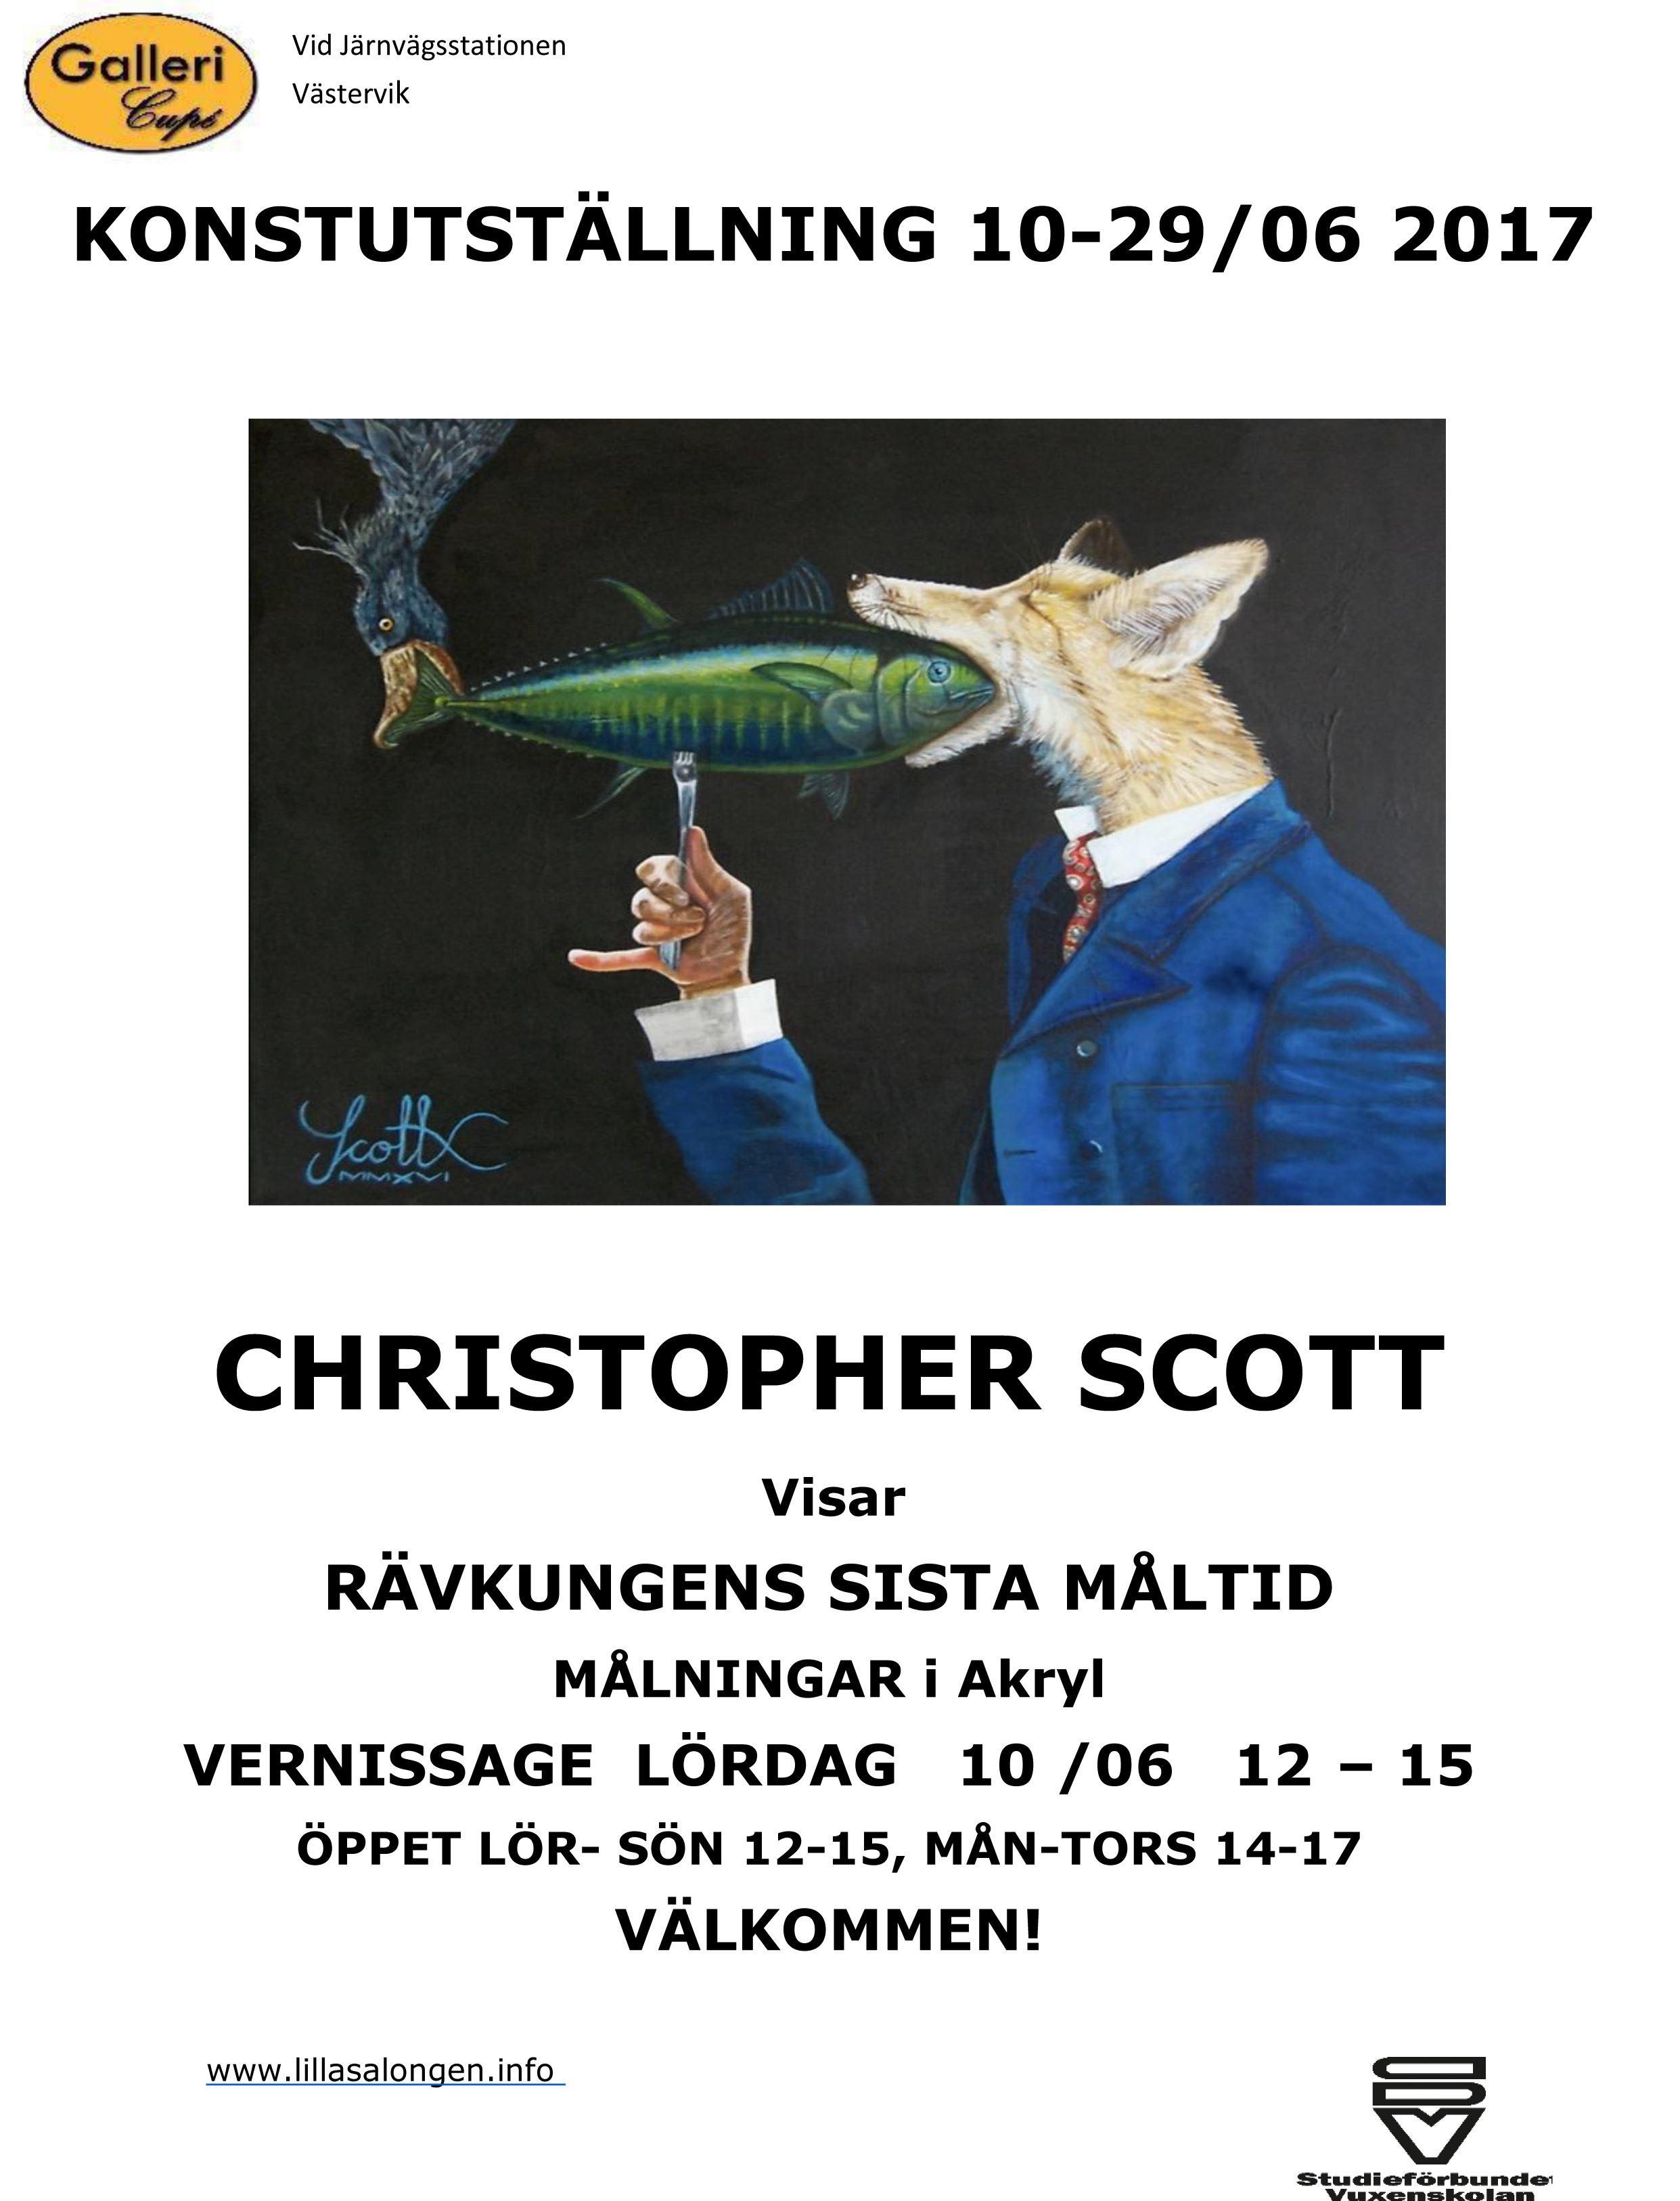 Konstutställning på Galleri Cupé med Christopher Scott